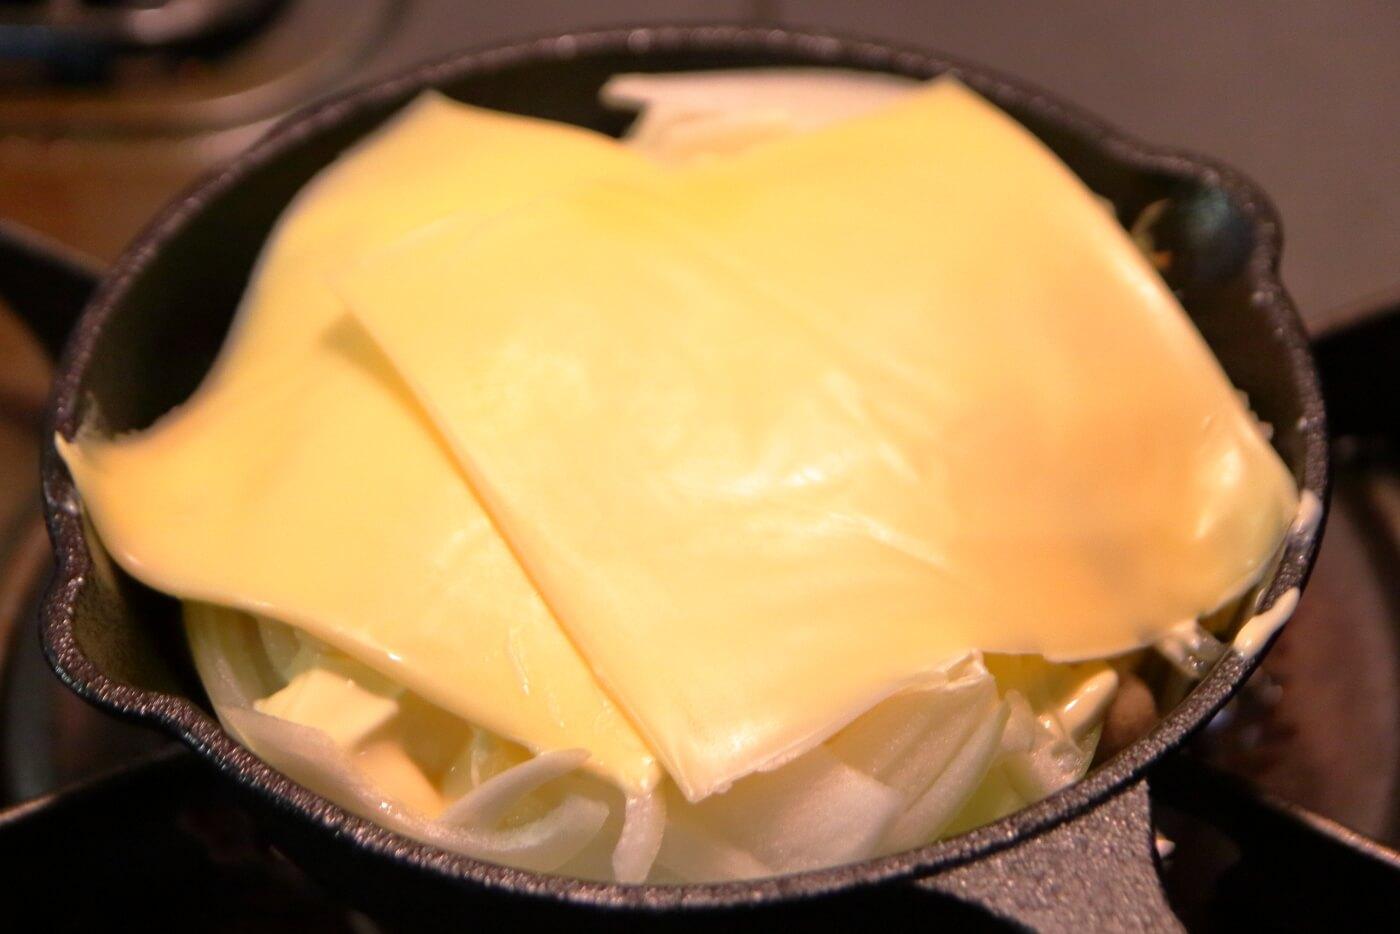 サヴァ缶レモンバジルをスキレットでチーズ焼きにする